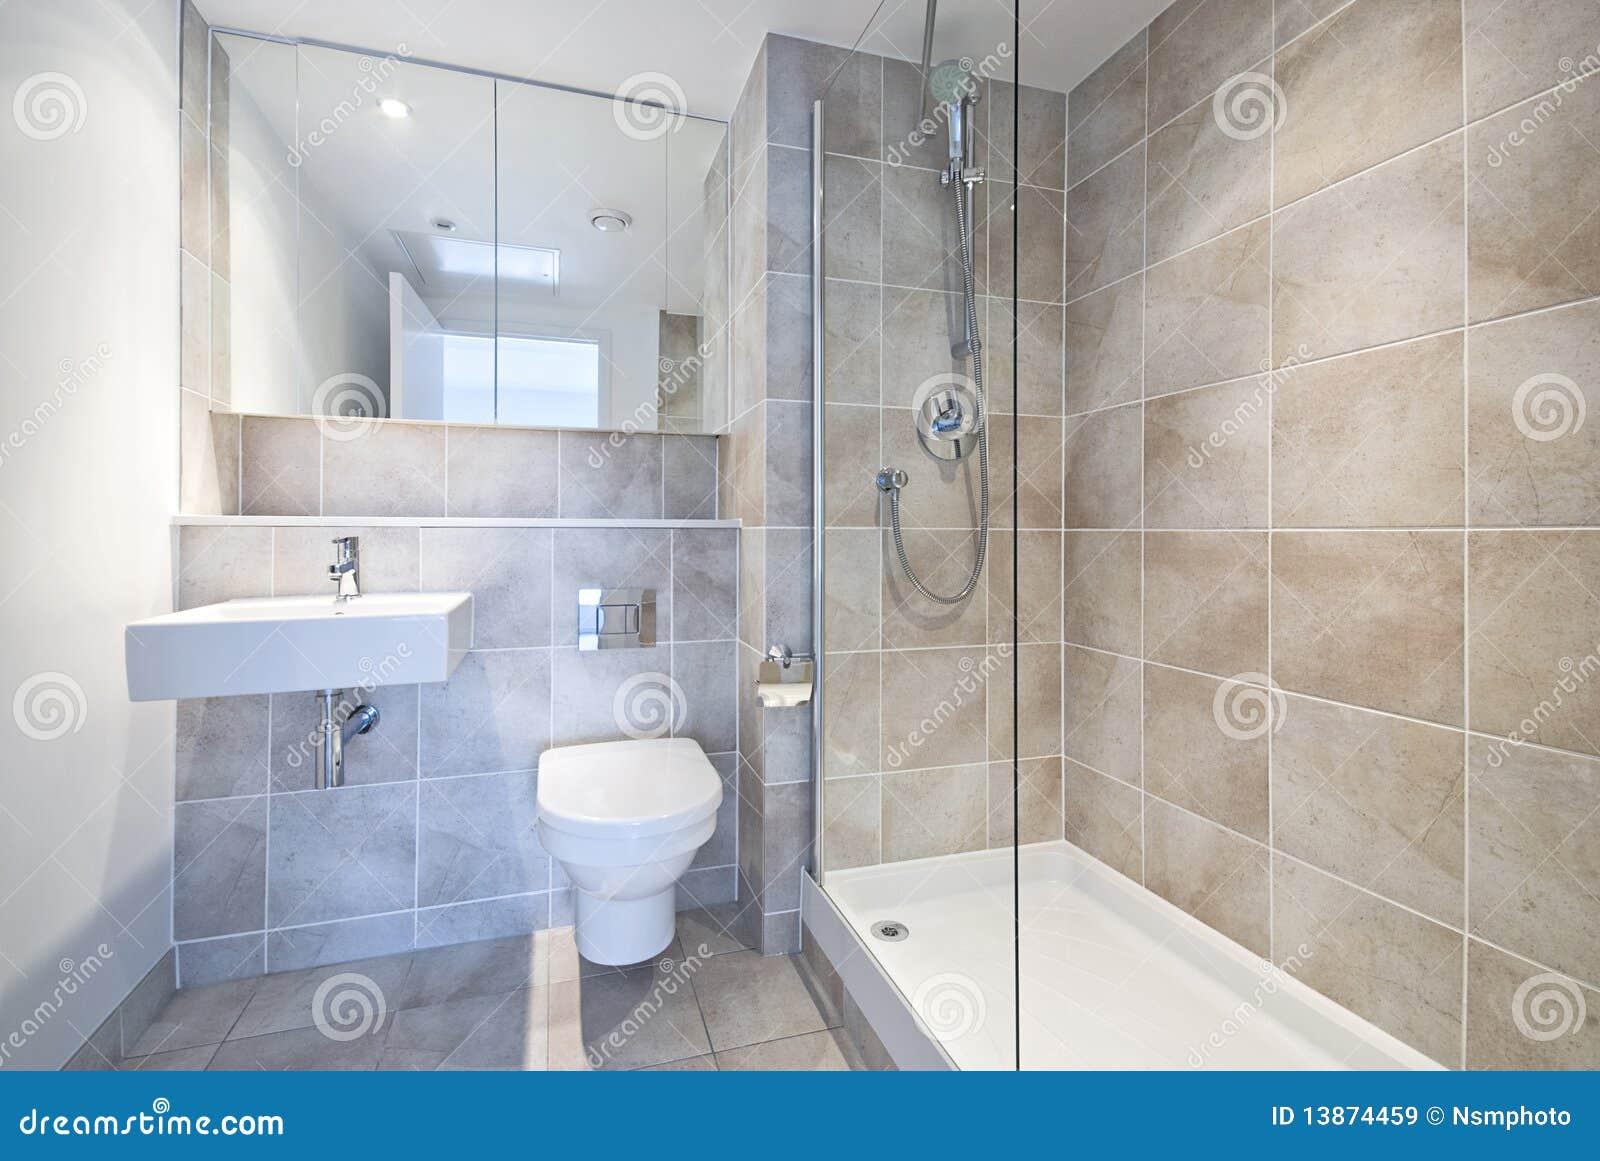 Banheiro Moderno Da Série Do En Com Grande Chuveiro Imagens de Stock Royalty  -> Banheiros Modernos Chuveiro